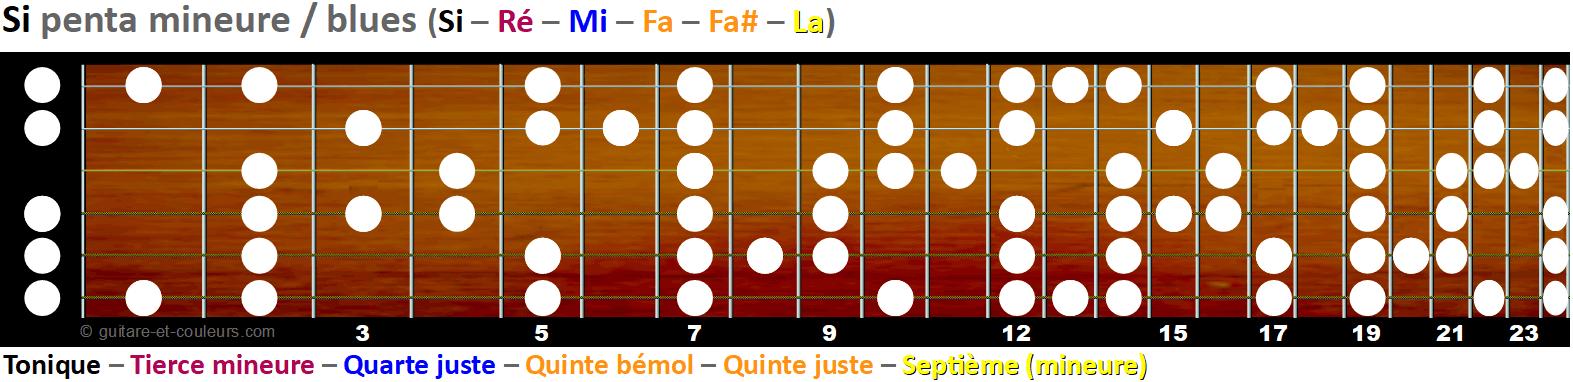 La gamme pentatonique mineure et blues sur le manche - Tonalité B